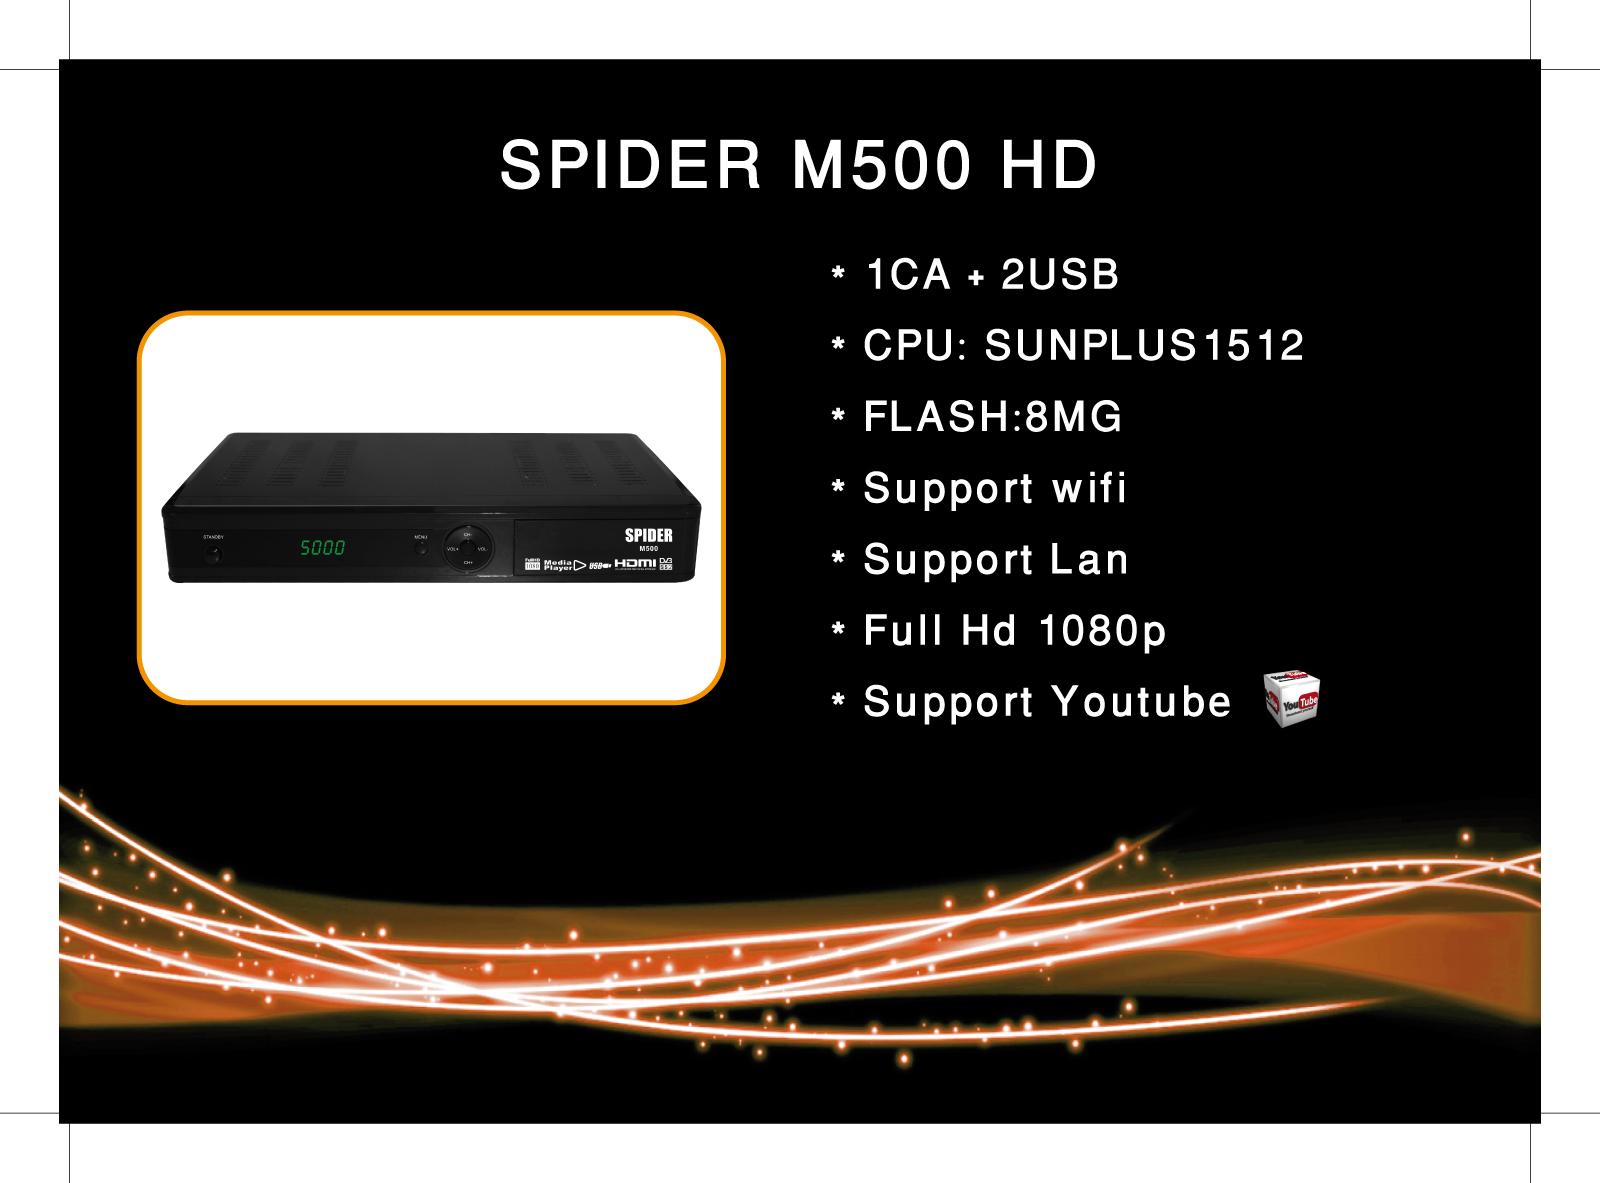 ������������� ����� Spider M500 ������ 5.jpg